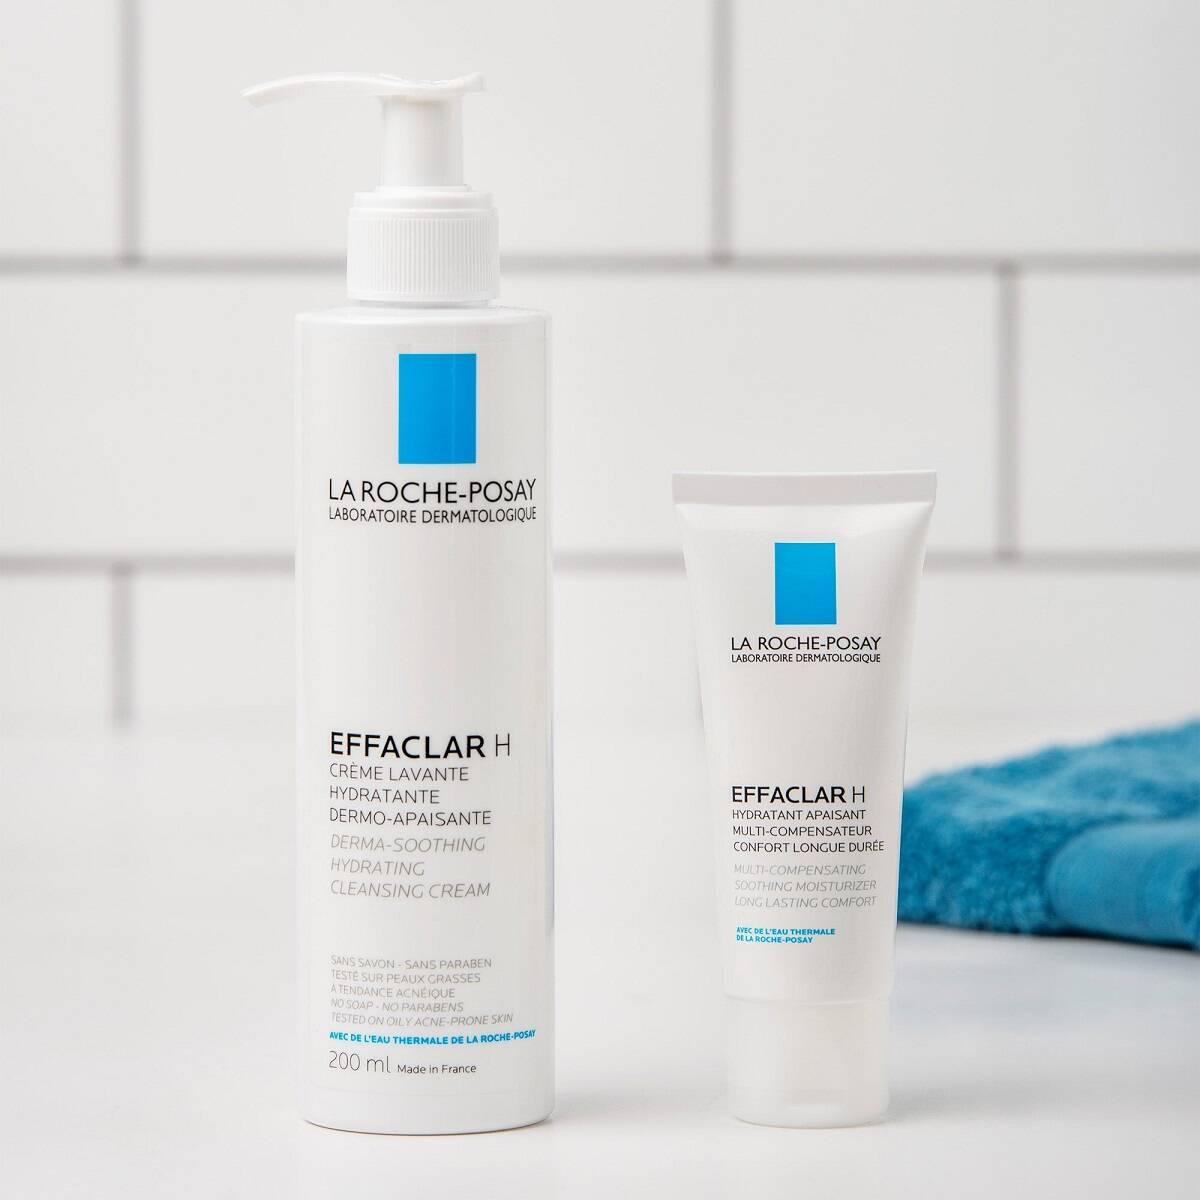 محصولات مناسب پوست چرب و جوش دار لاروش پوزای اصل فرانسه از لاین Effaclar H